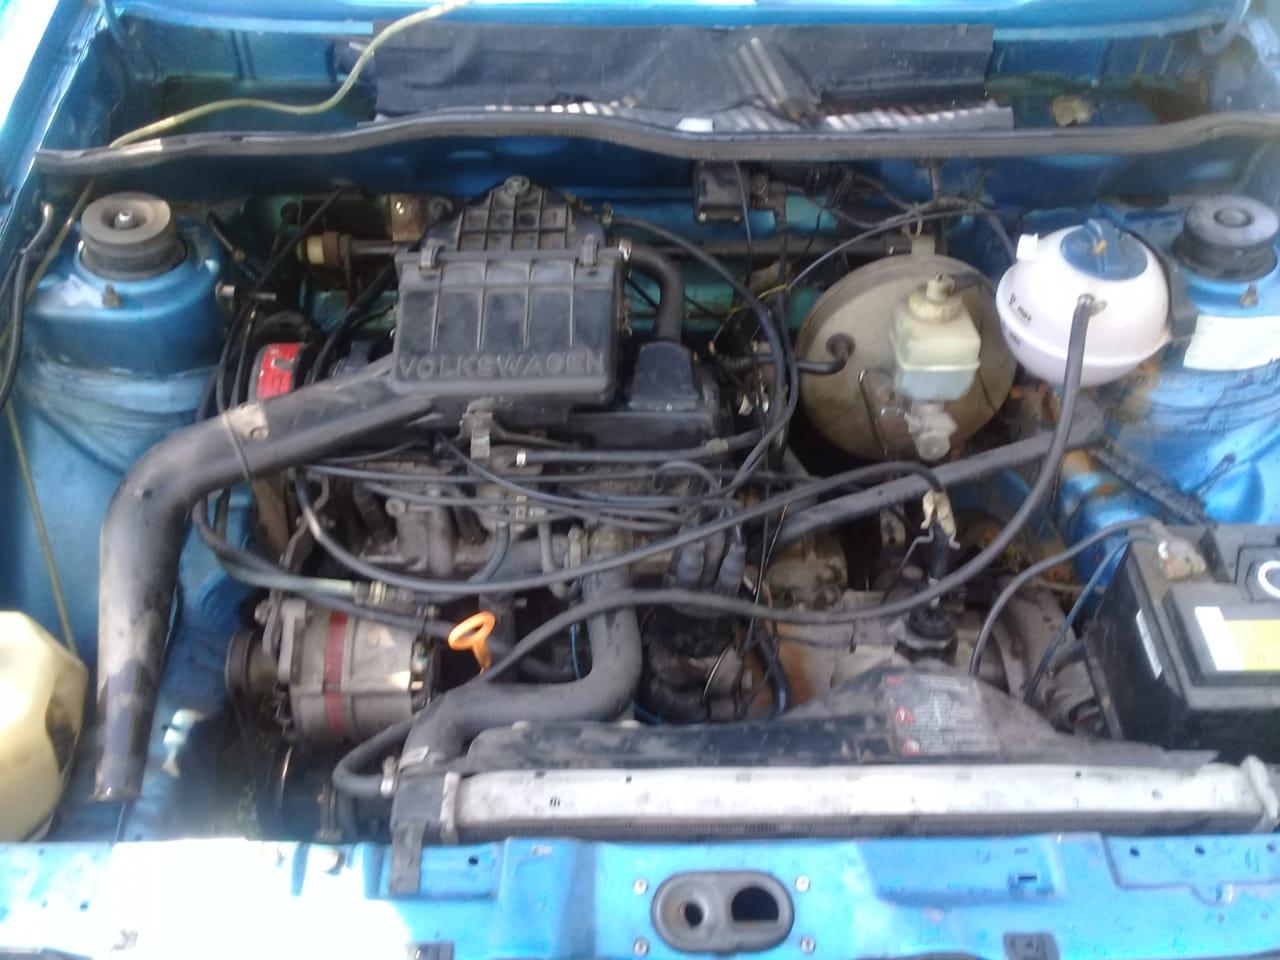 2000 VW Caddy 1,6